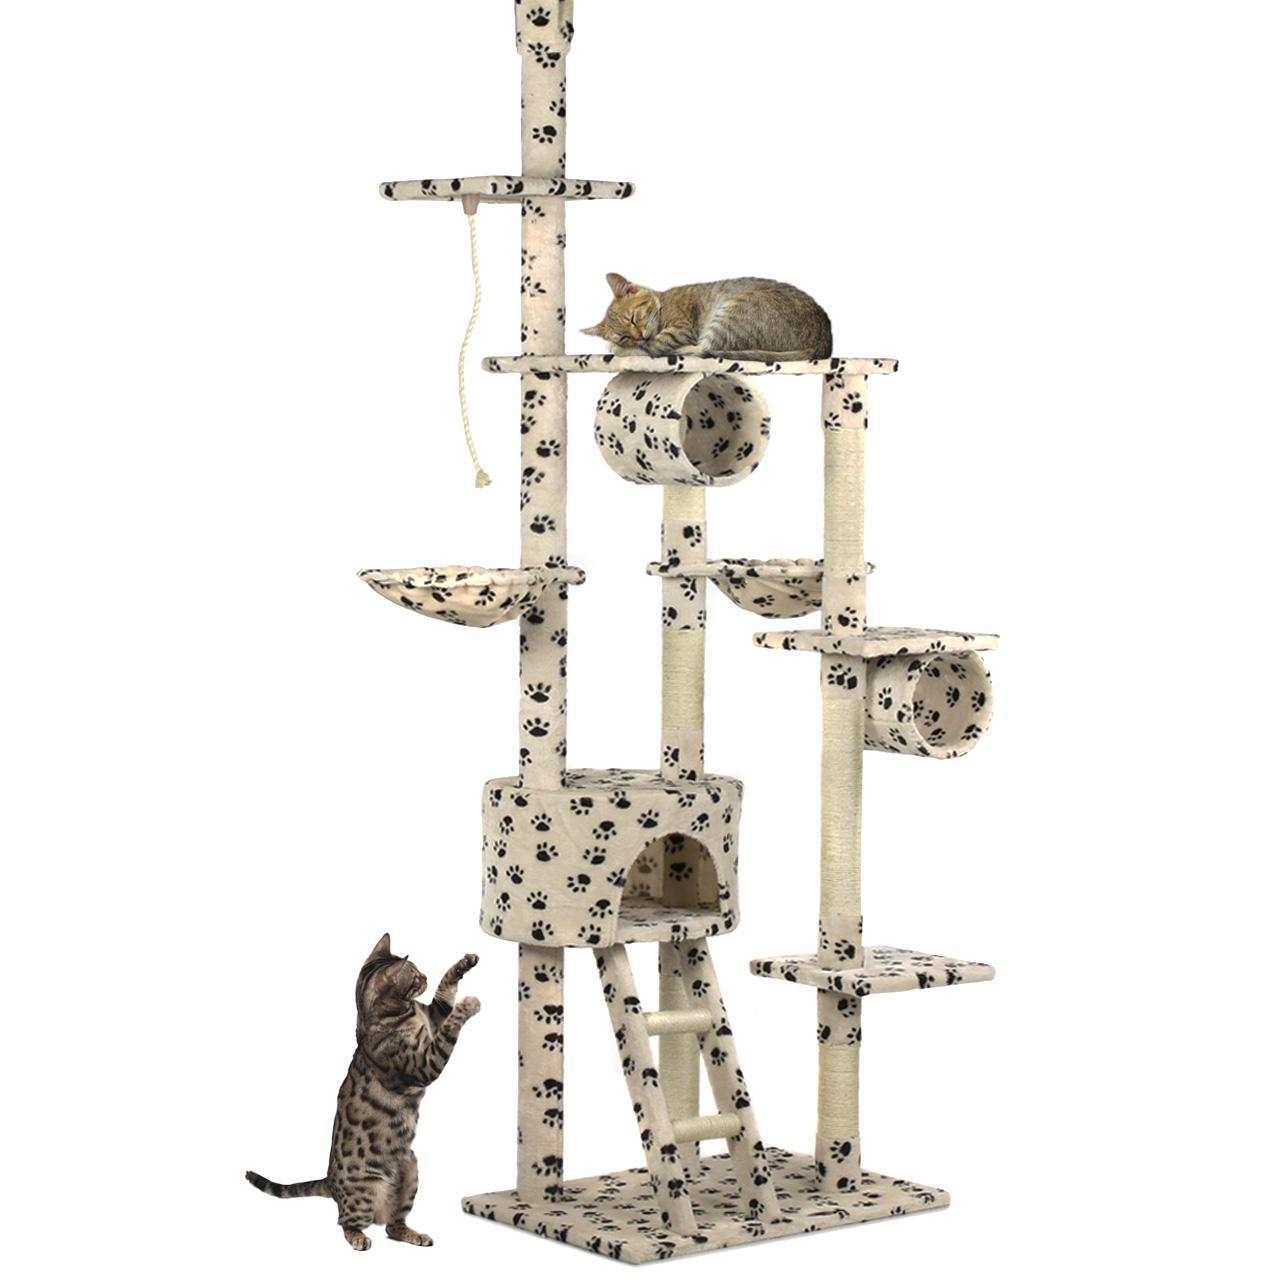 kratzbaum happypet katzenkratzbaum katzen baum deckenhoch kletterbaum sisal ebay. Black Bedroom Furniture Sets. Home Design Ideas